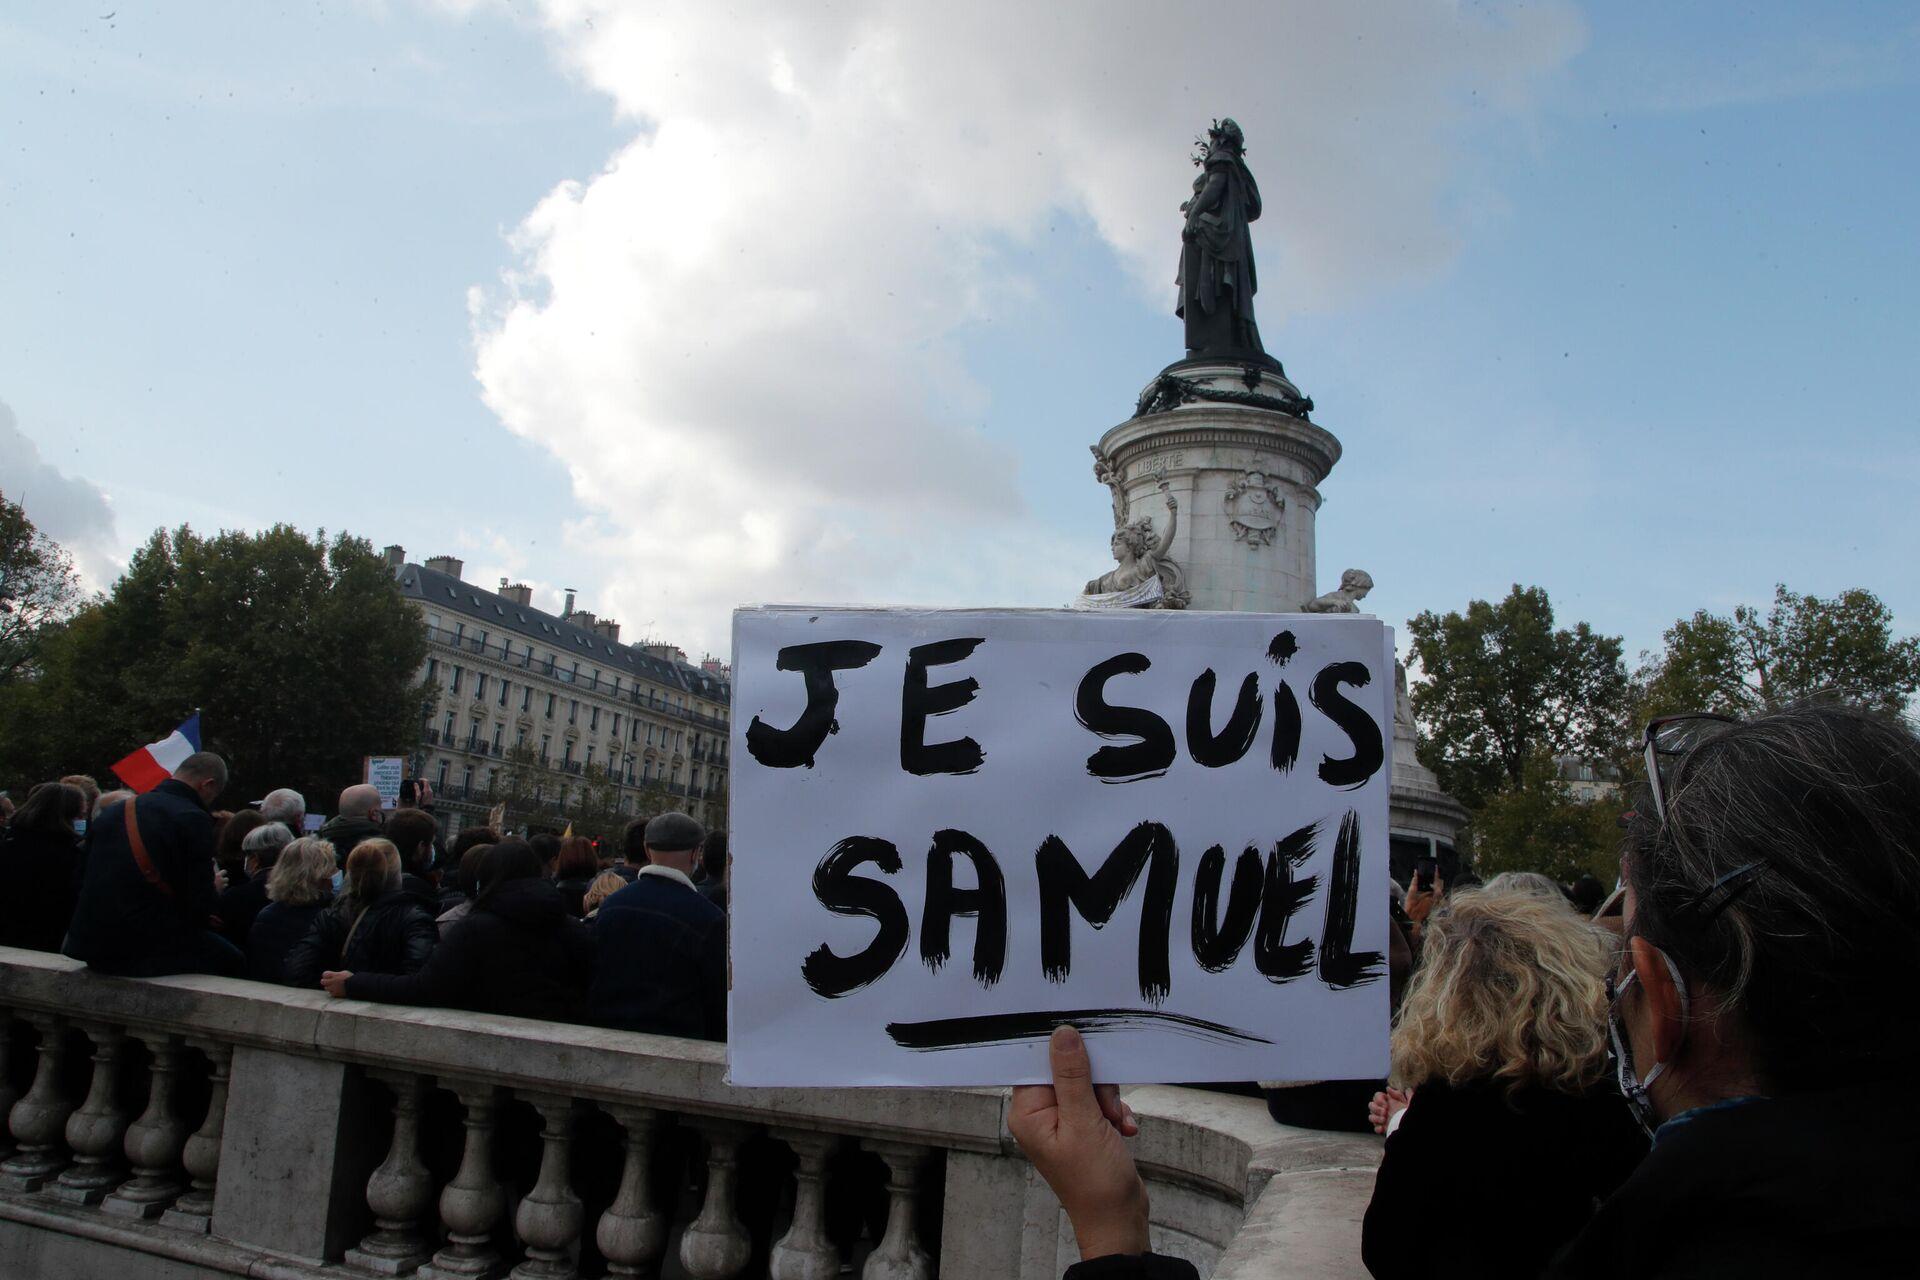 Демонстрация после смерти учителя во Франции. 18 октября 2020 года - РИА Новости, 1920, 29.10.2020